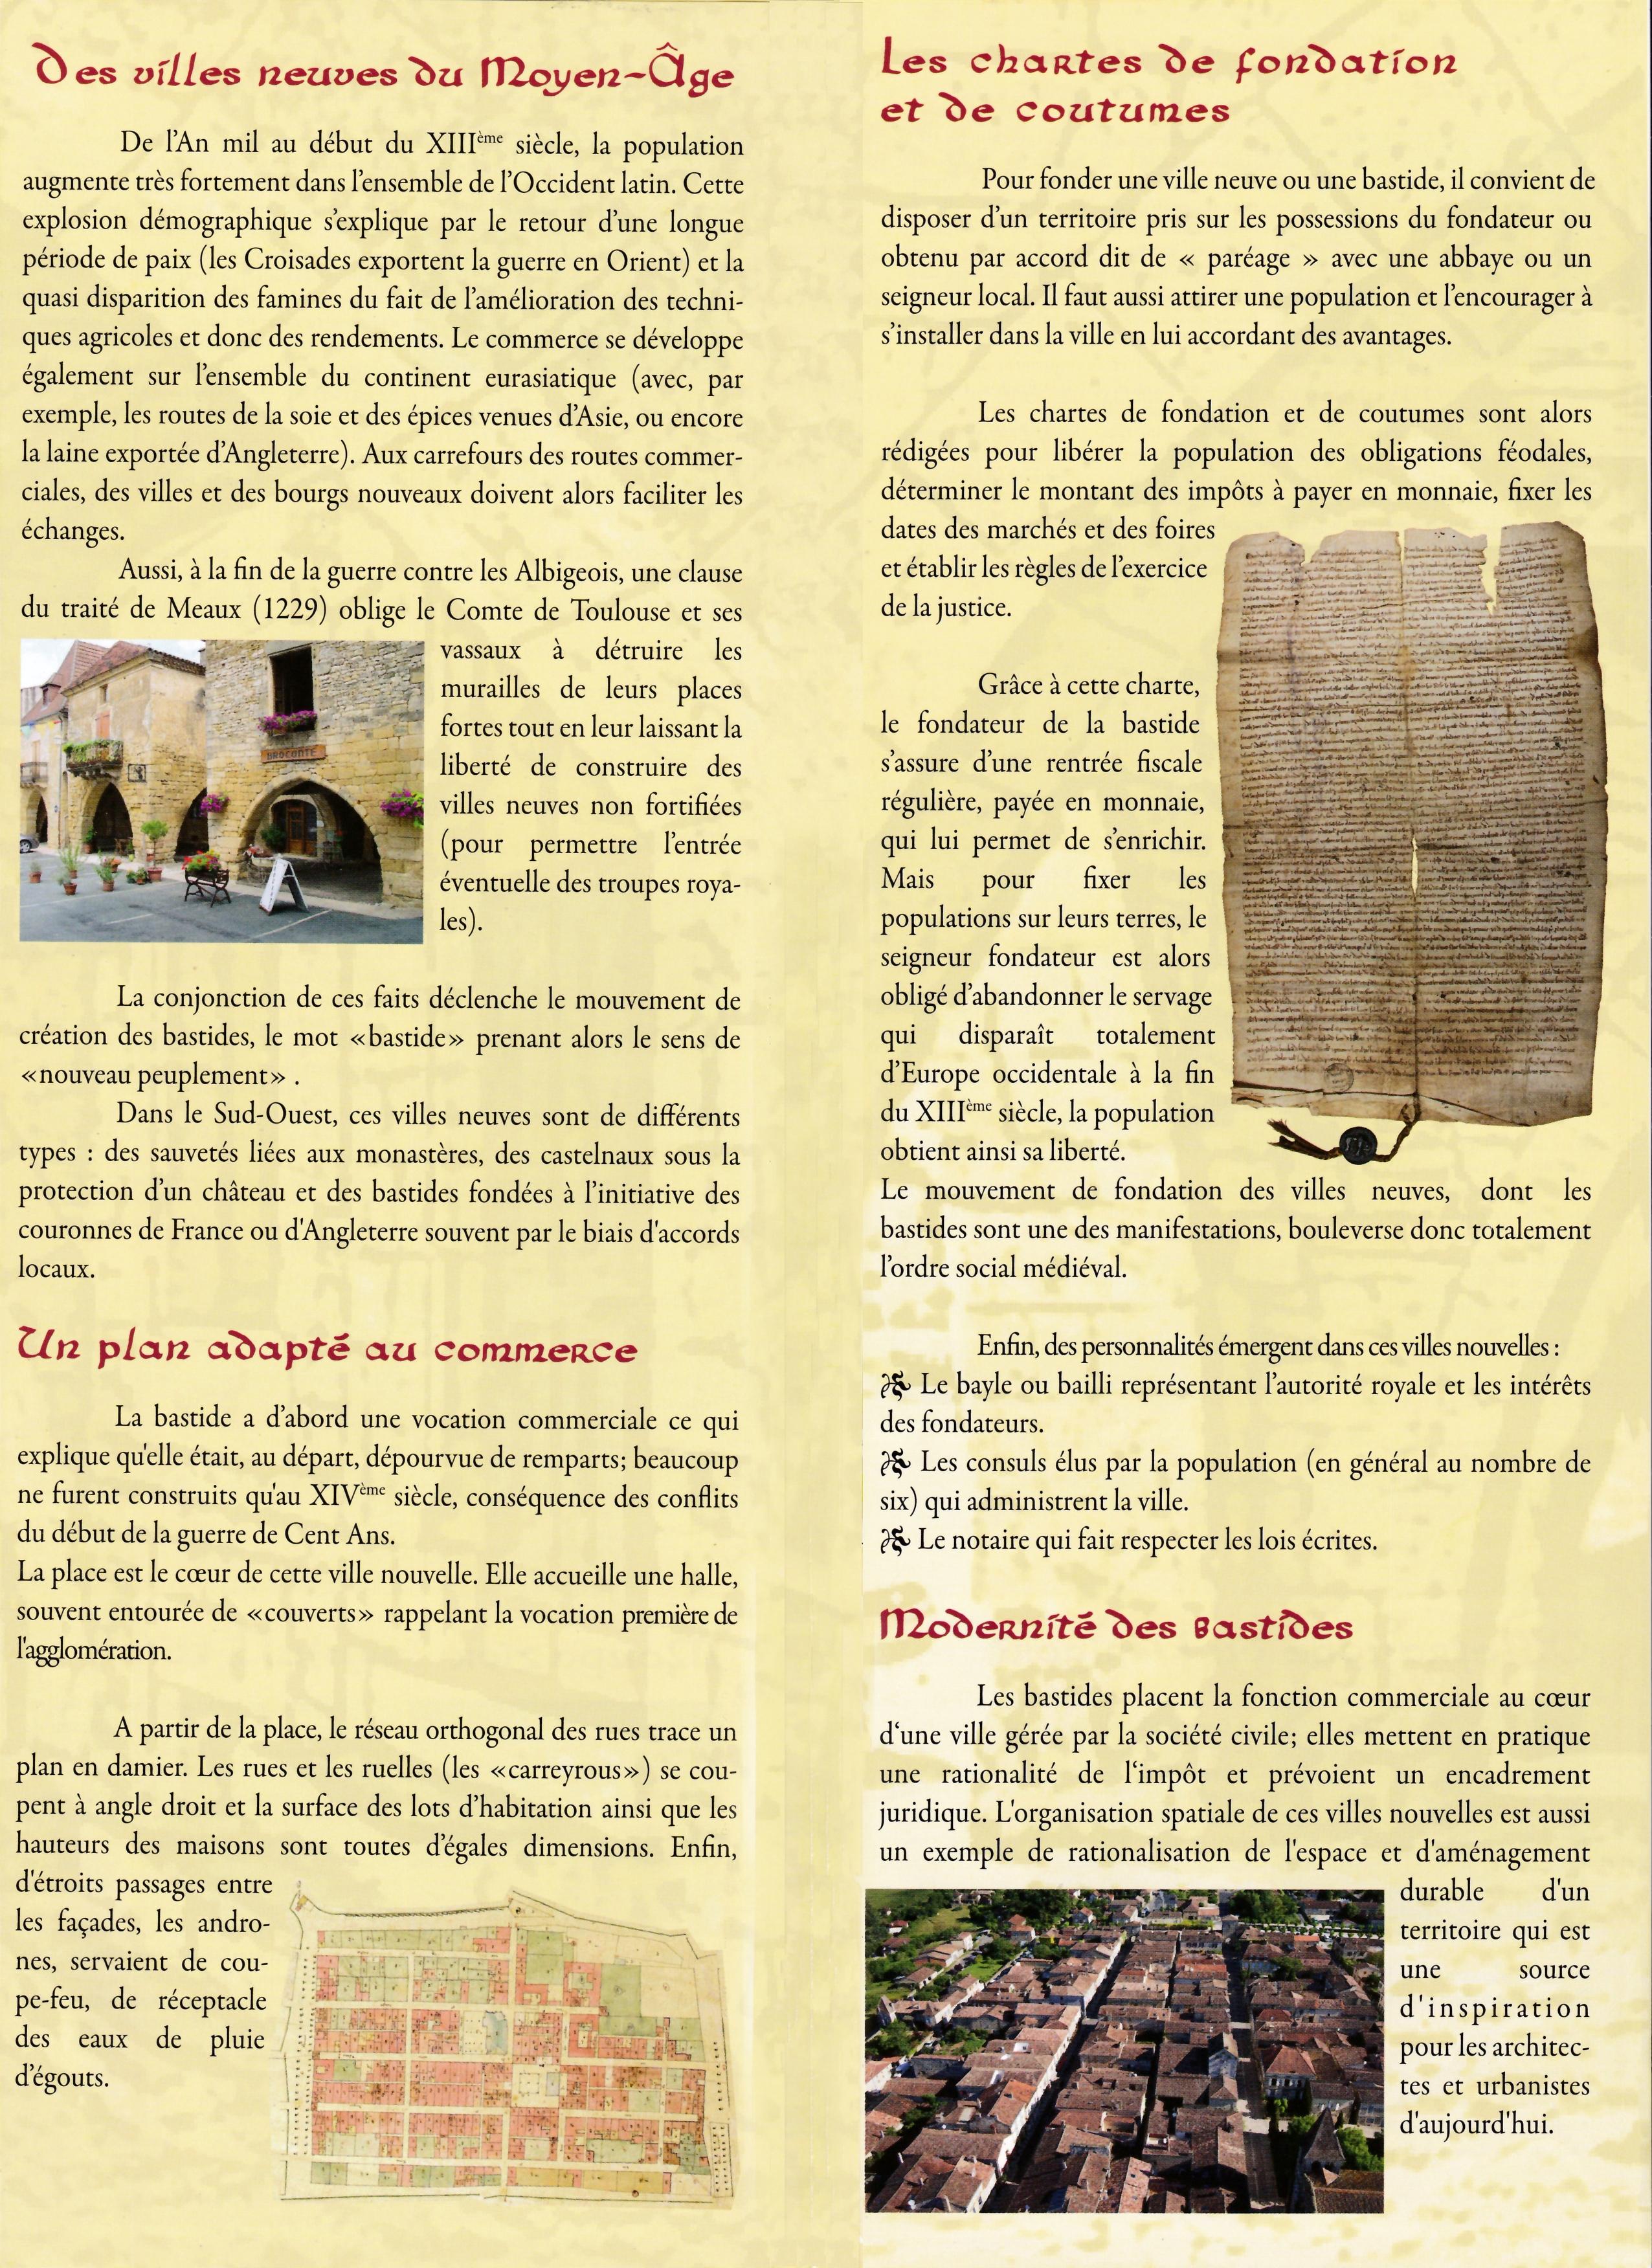 Bastide 2.jpg